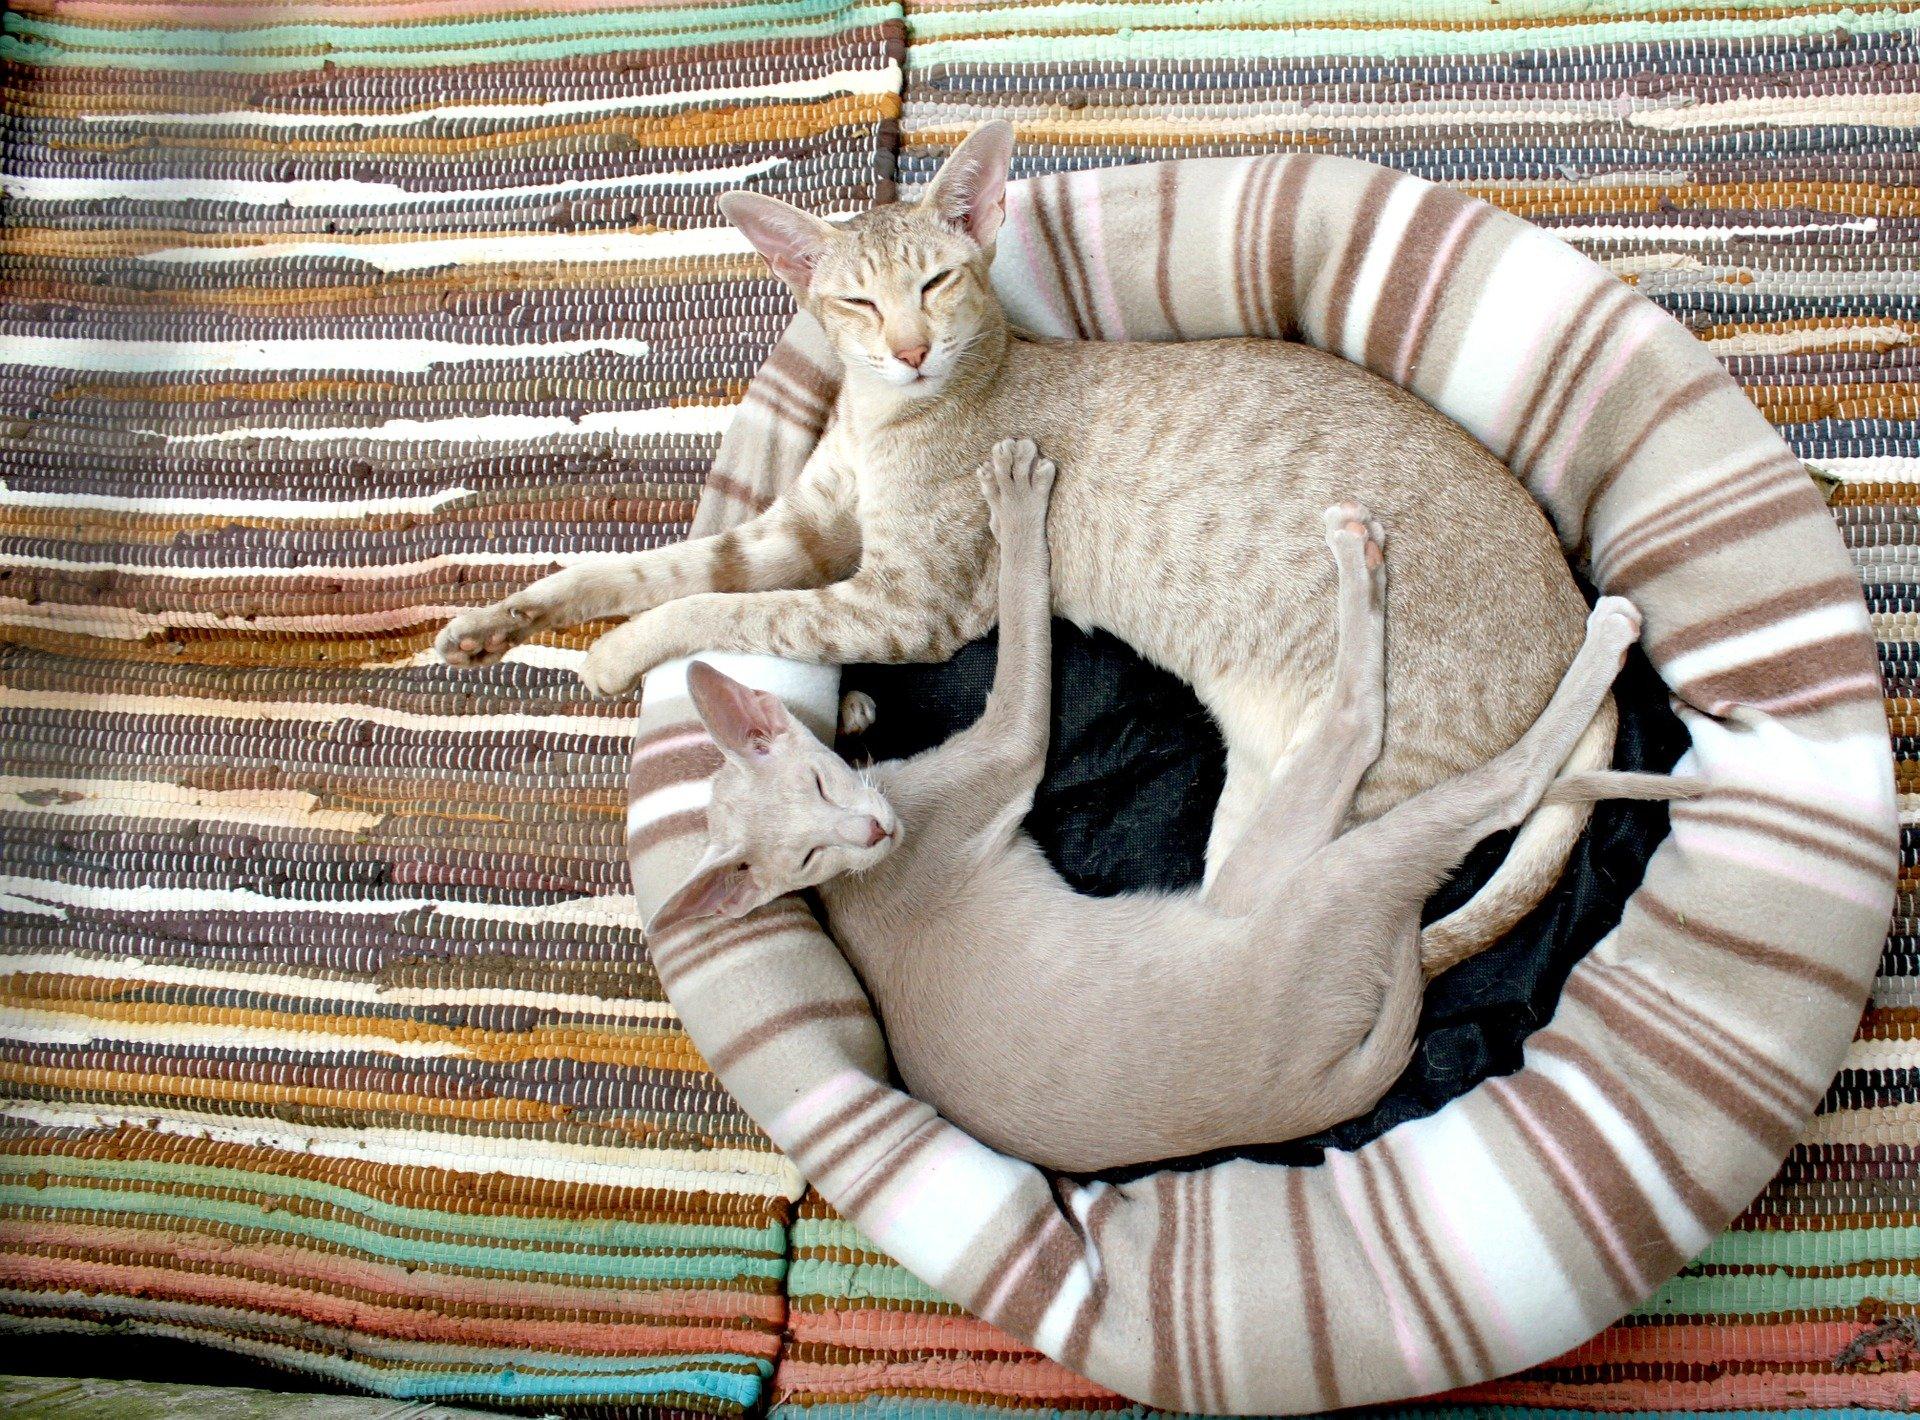 Cucce per gatti, come scegliere quella ideale